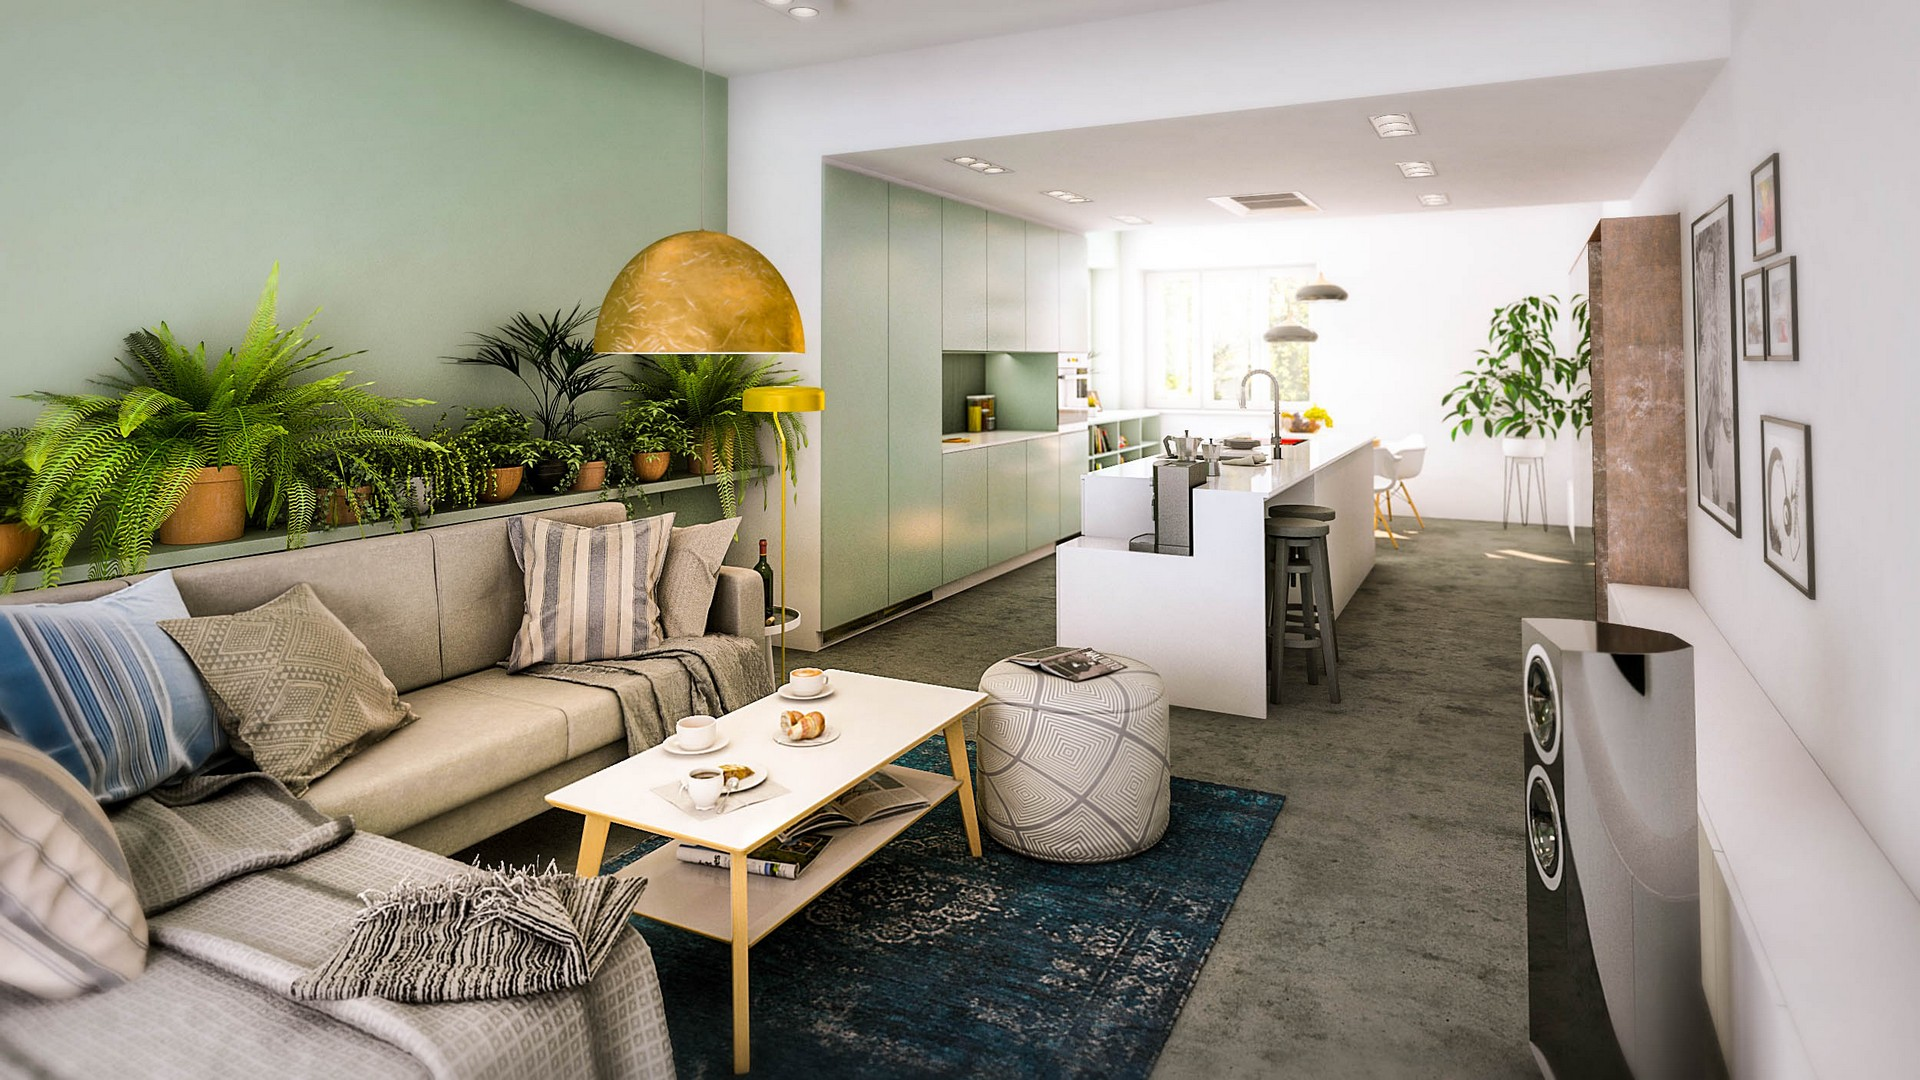 wizualizacja wnętrza mieszkania w katowicach